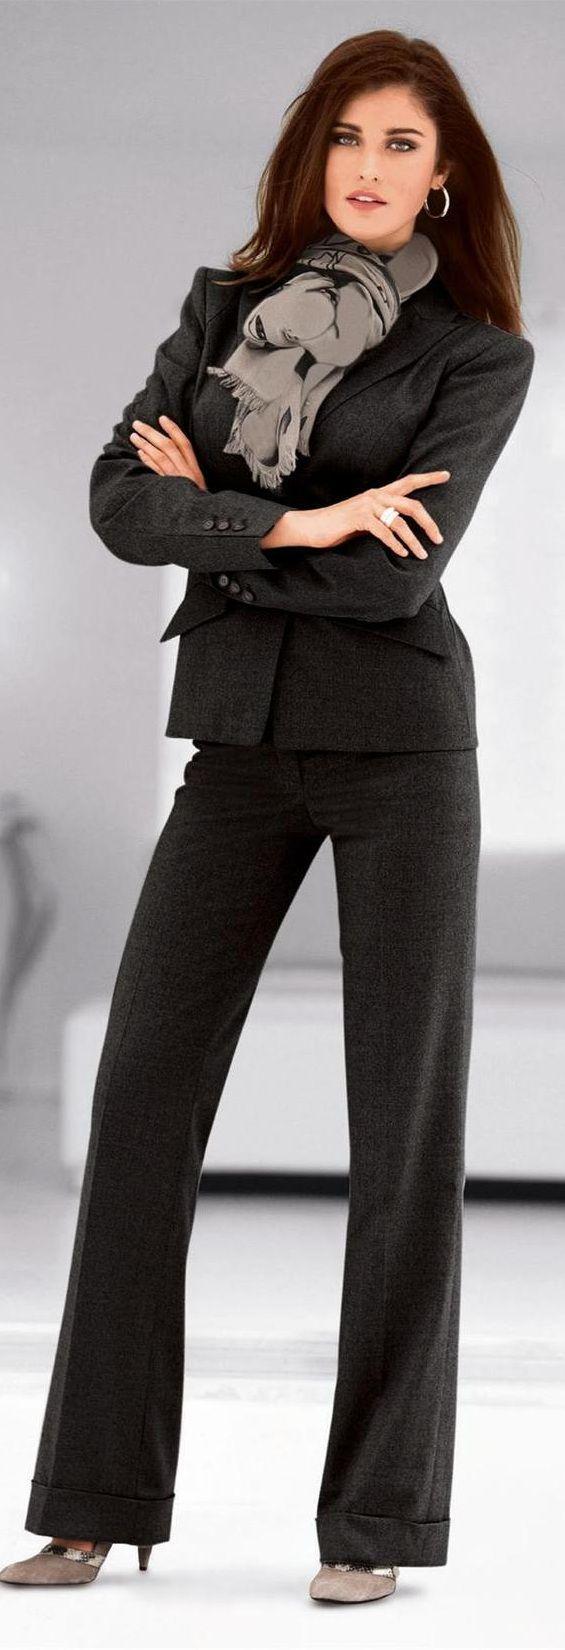 pin von michael herbert auf business elegance pinterest klassischer stil klassisch und. Black Bedroom Furniture Sets. Home Design Ideas